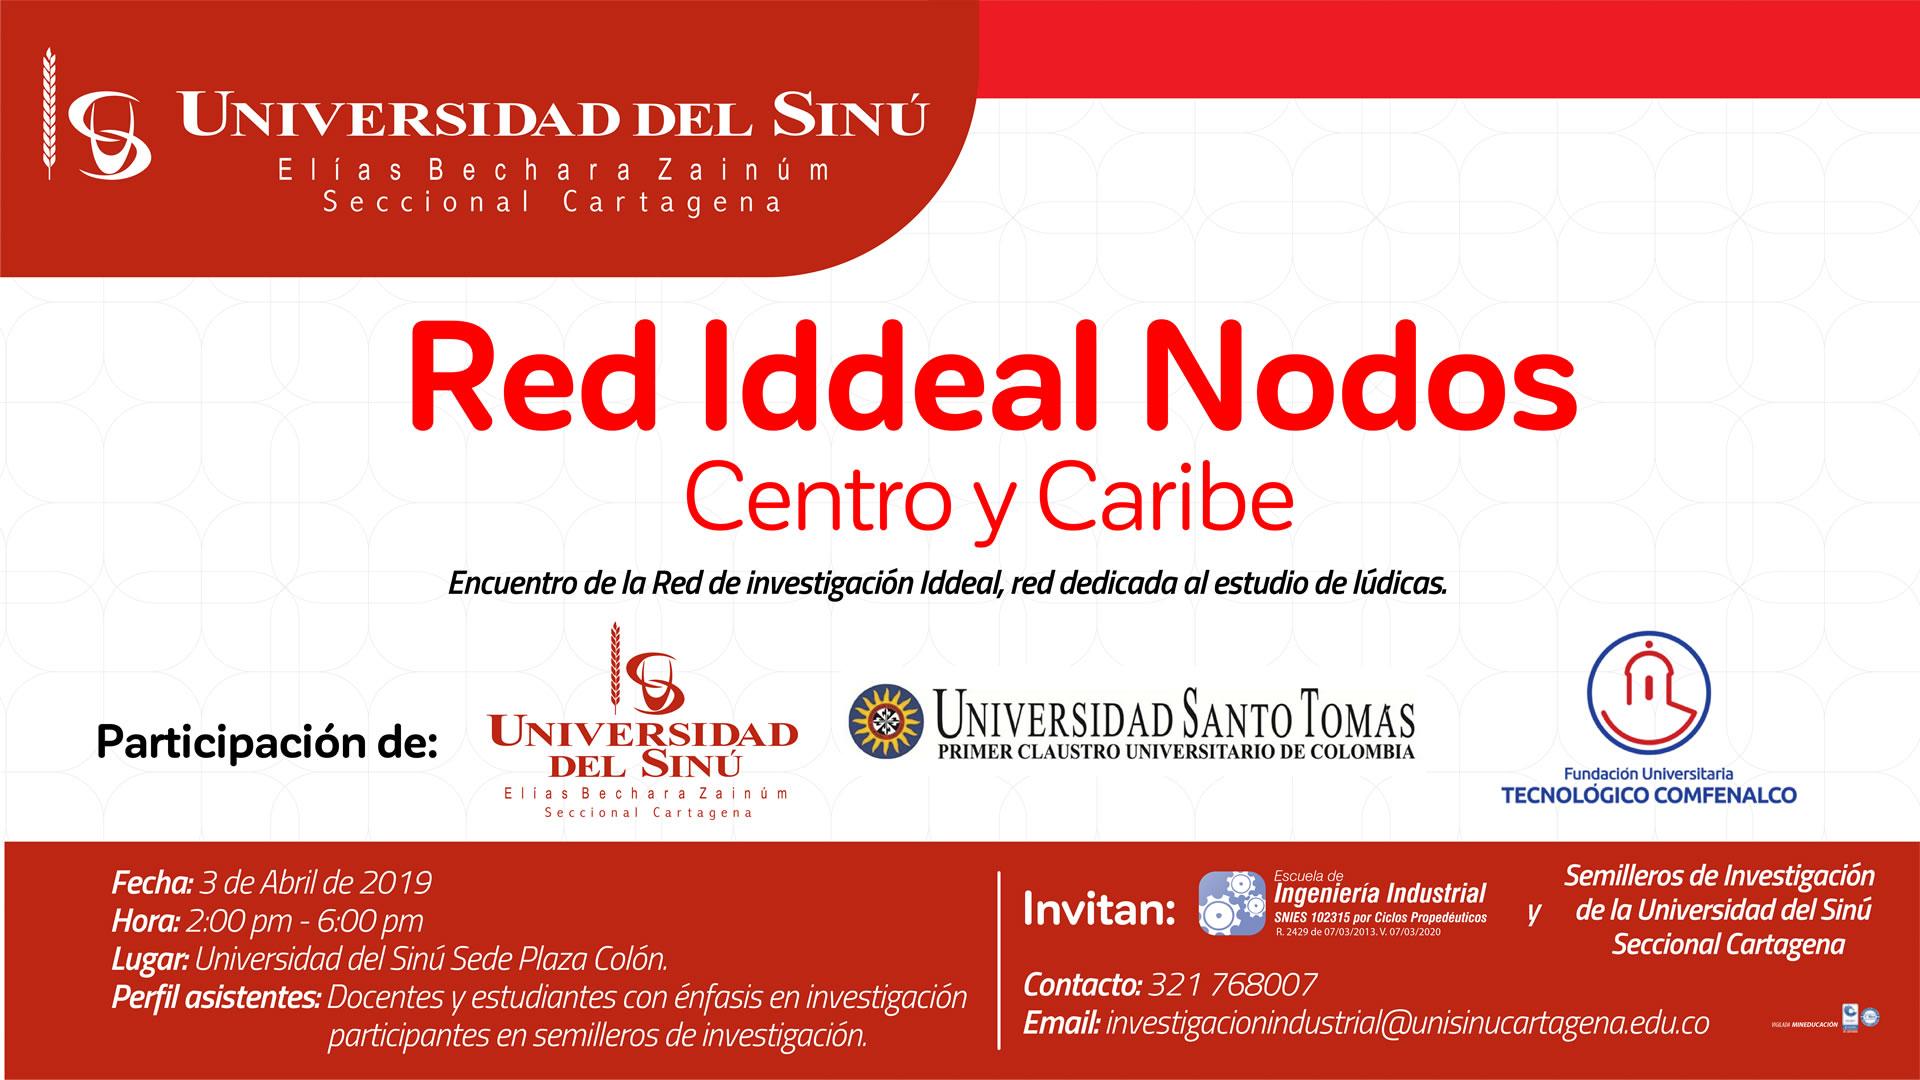 ENCUENTRO RED IDDEAL NODOS CENTRO Y CARIBE-2019-1p